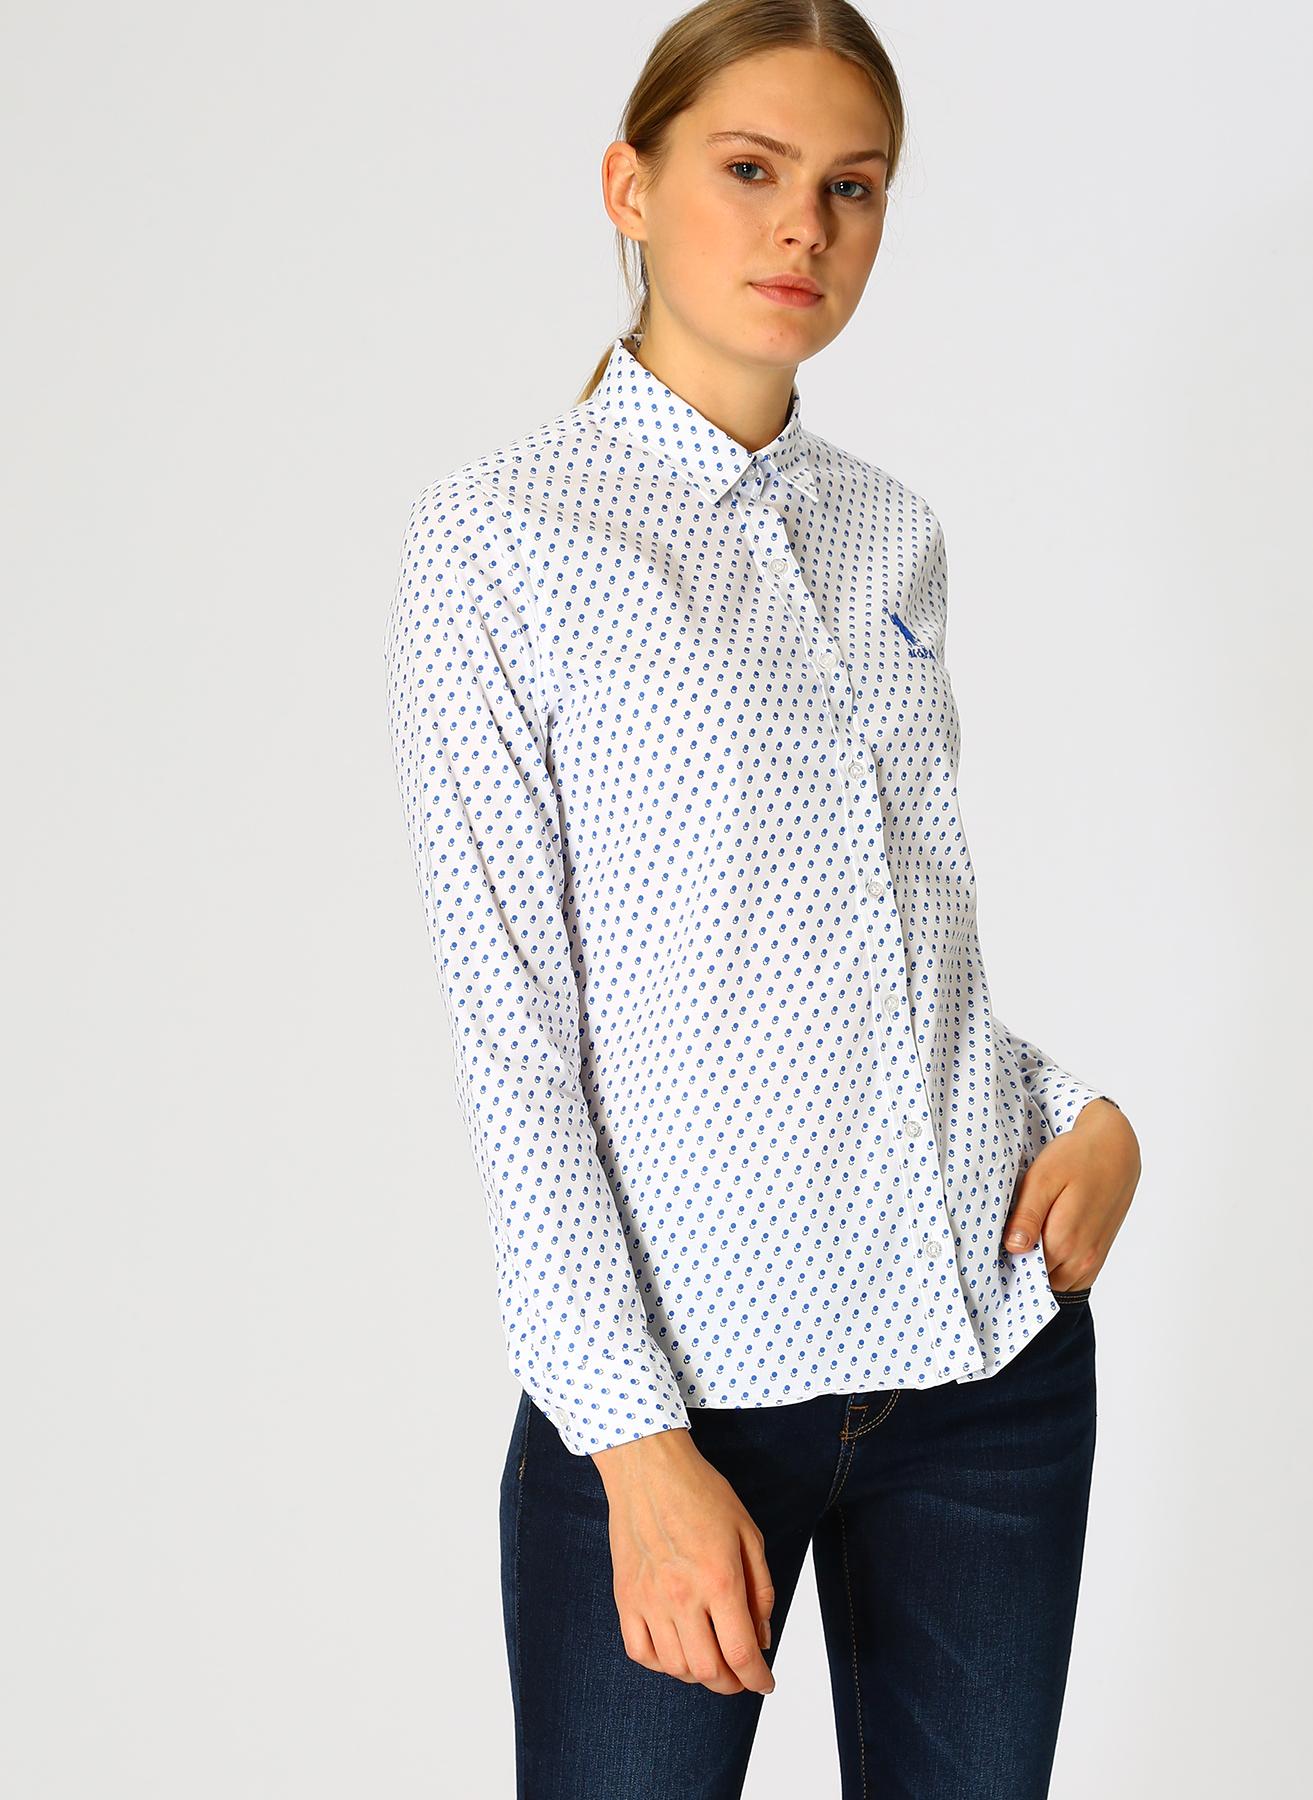 U.S. Polo Assn. Beyaz Gömlek 32 5001733225001 Ürün Resmi